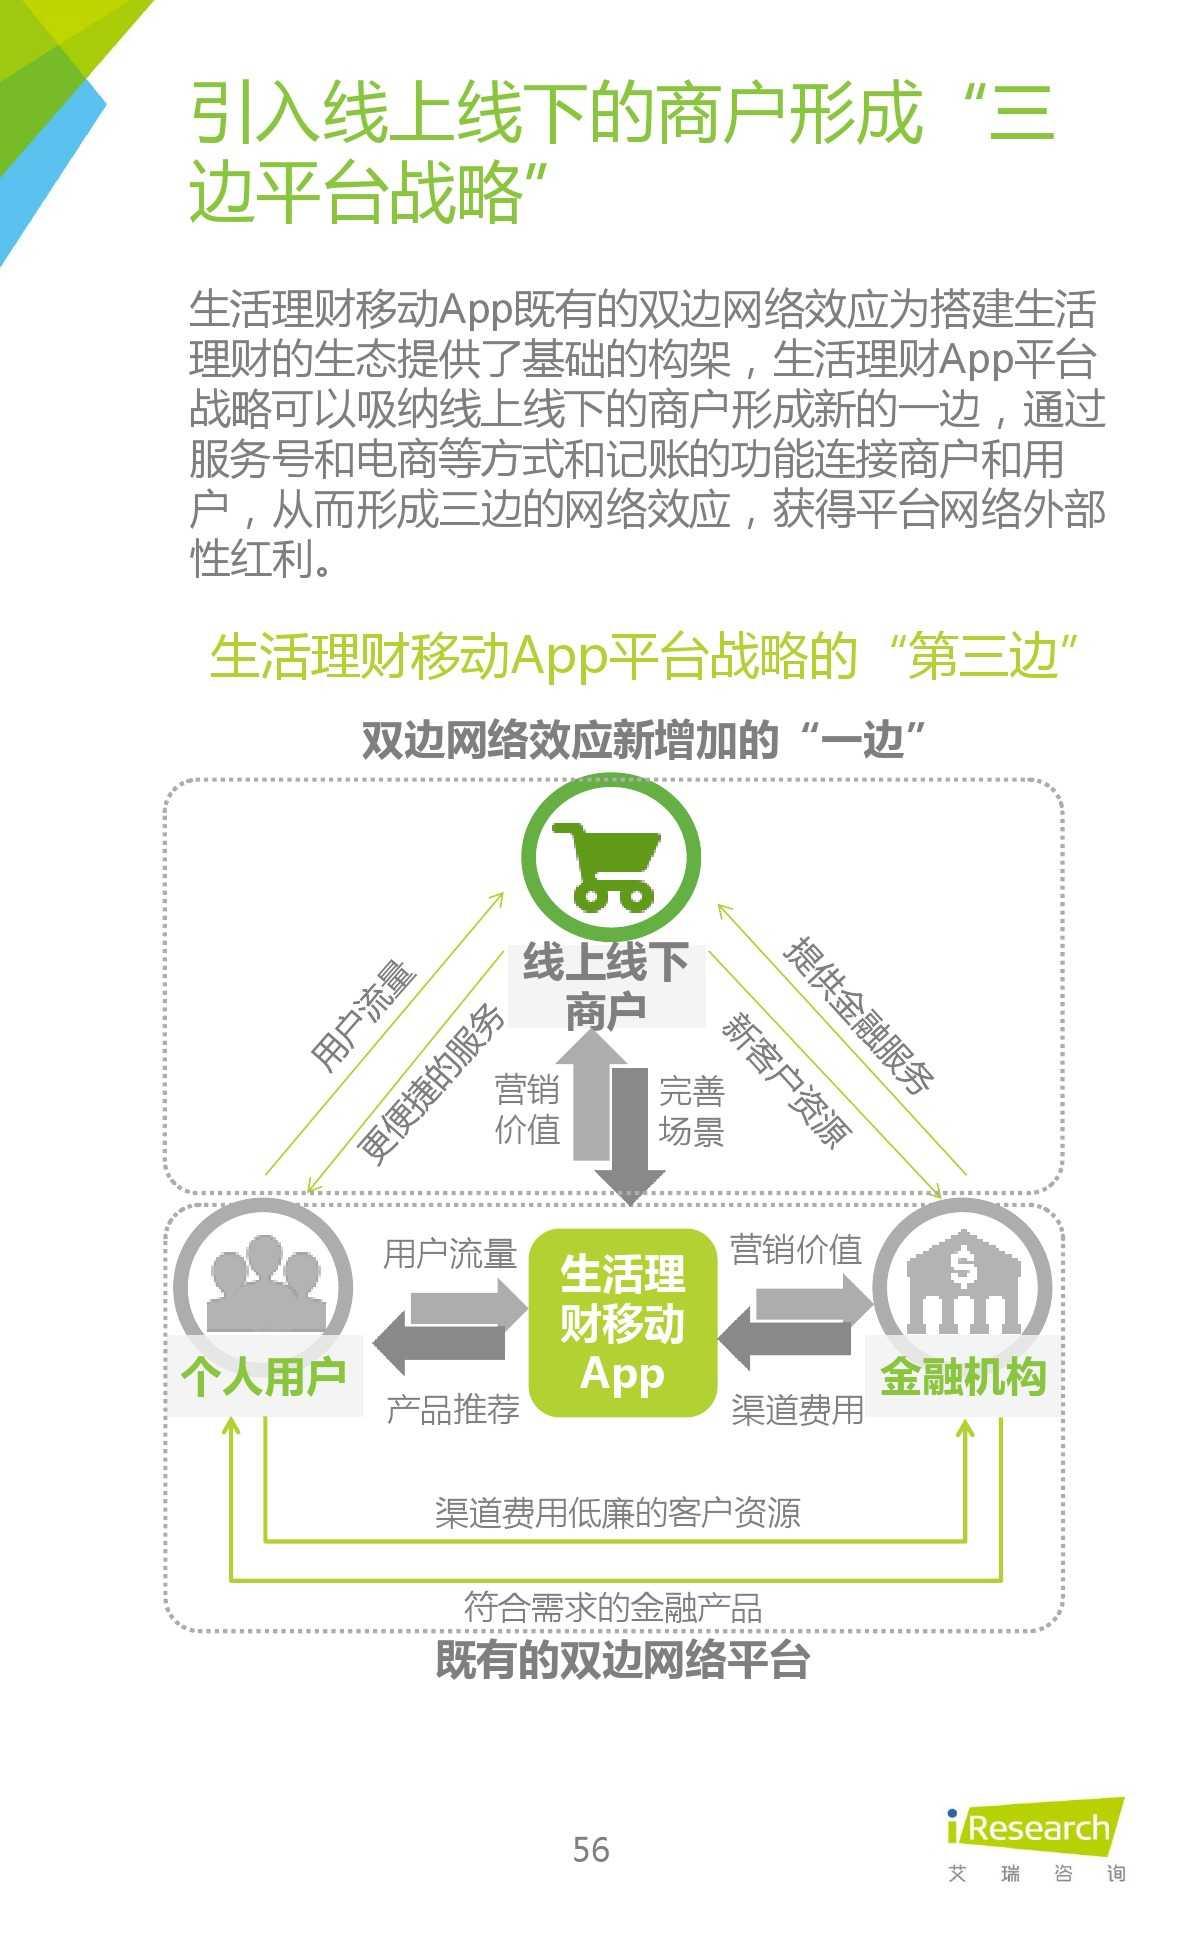 2015年中国生活理财移动App行业研究报告_000056